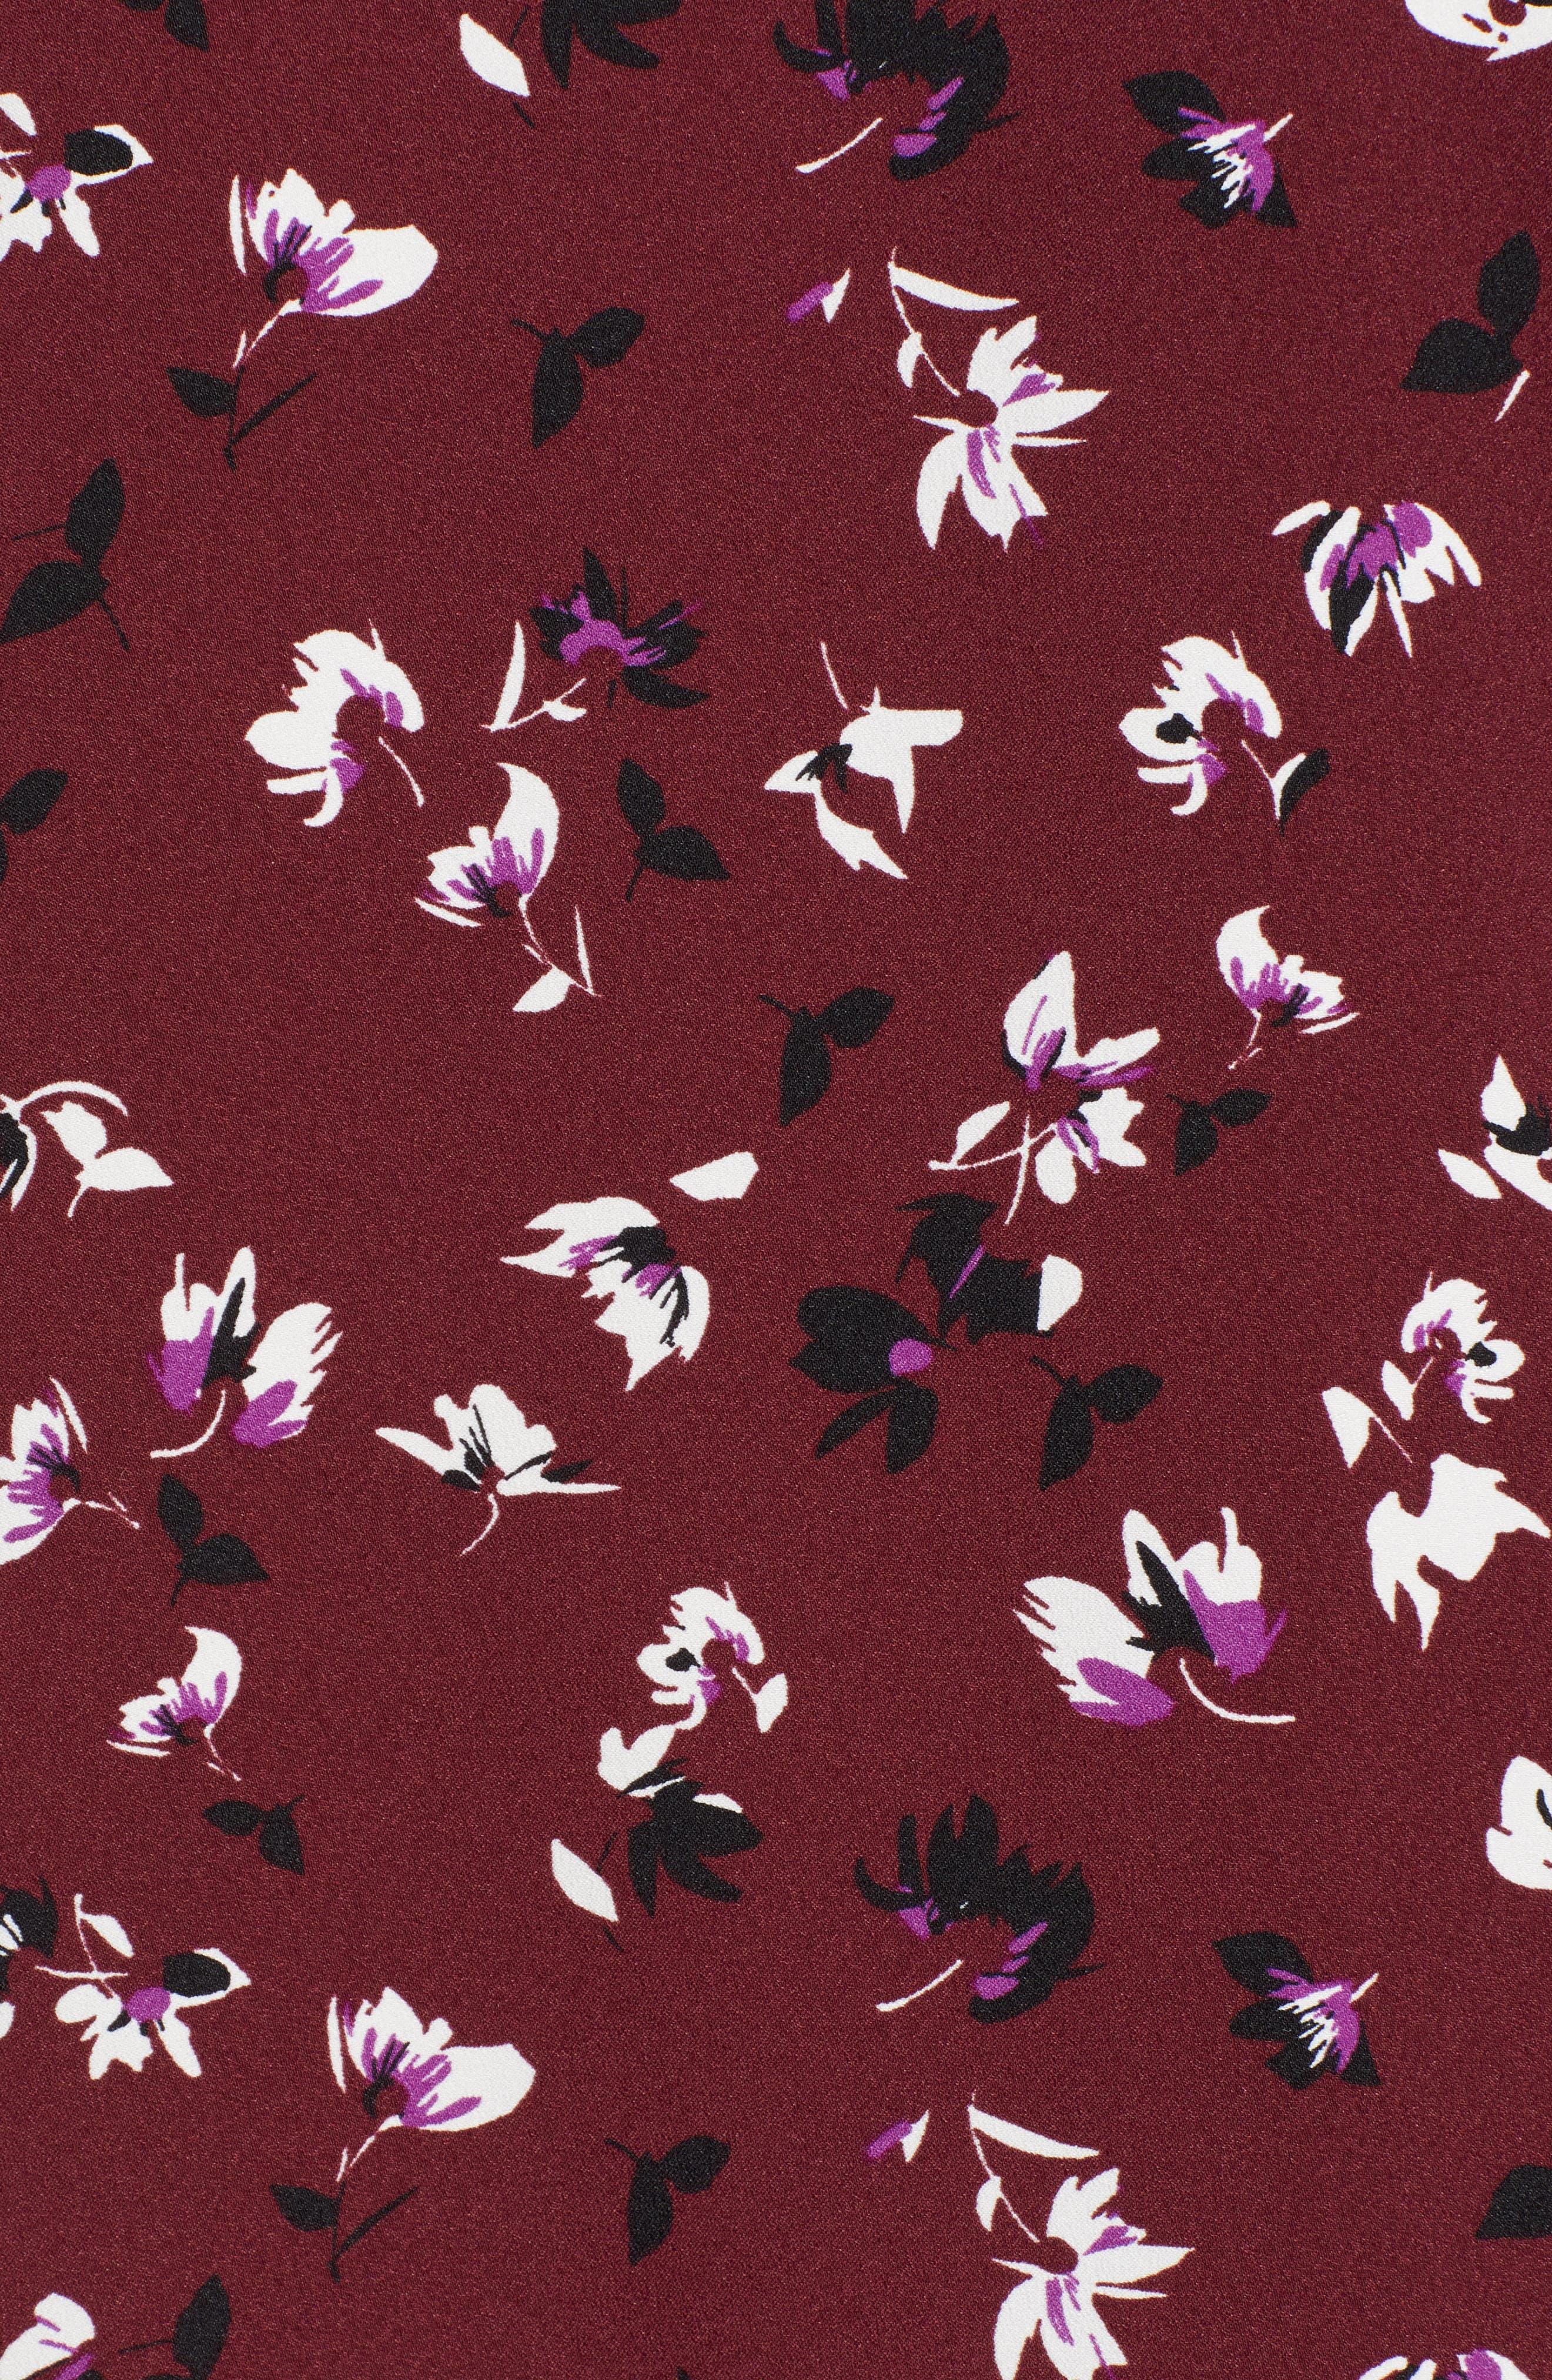 Button Back Ruffle Hem Dress,                             Alternate thumbnail 48, color,